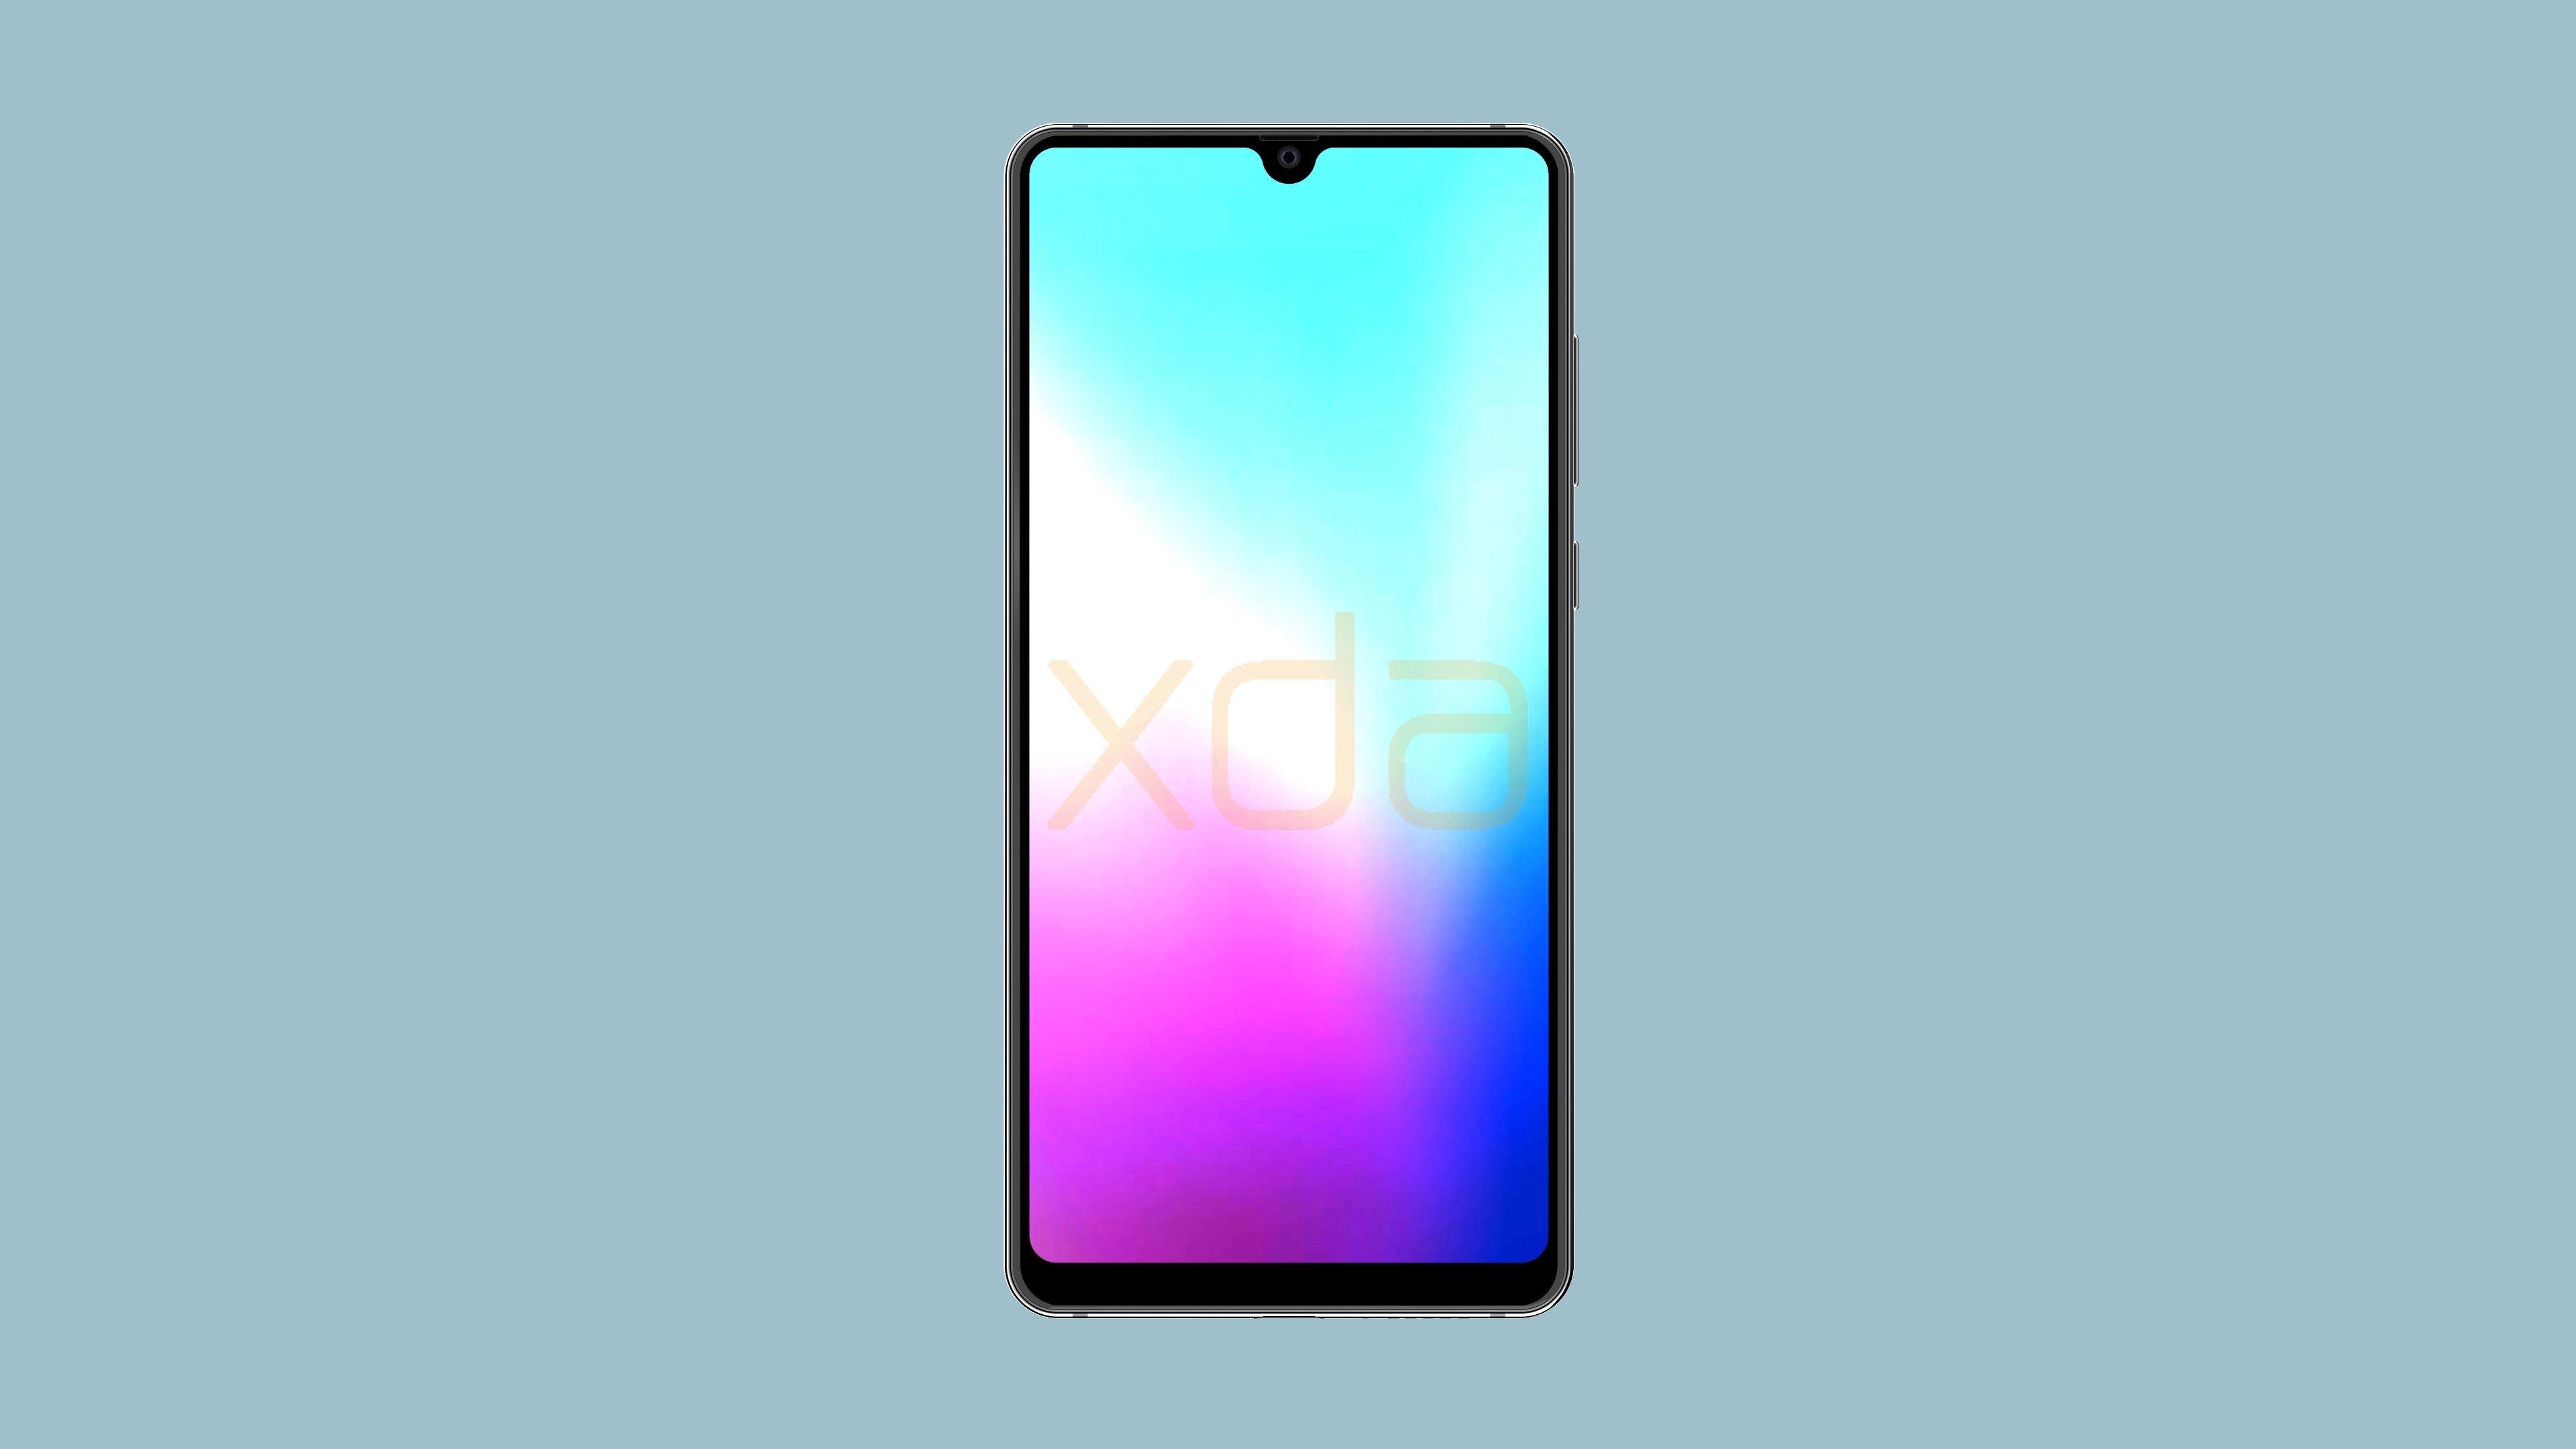 Huawei Mate 20 : une vidéo prétend montrer ses faces avant et